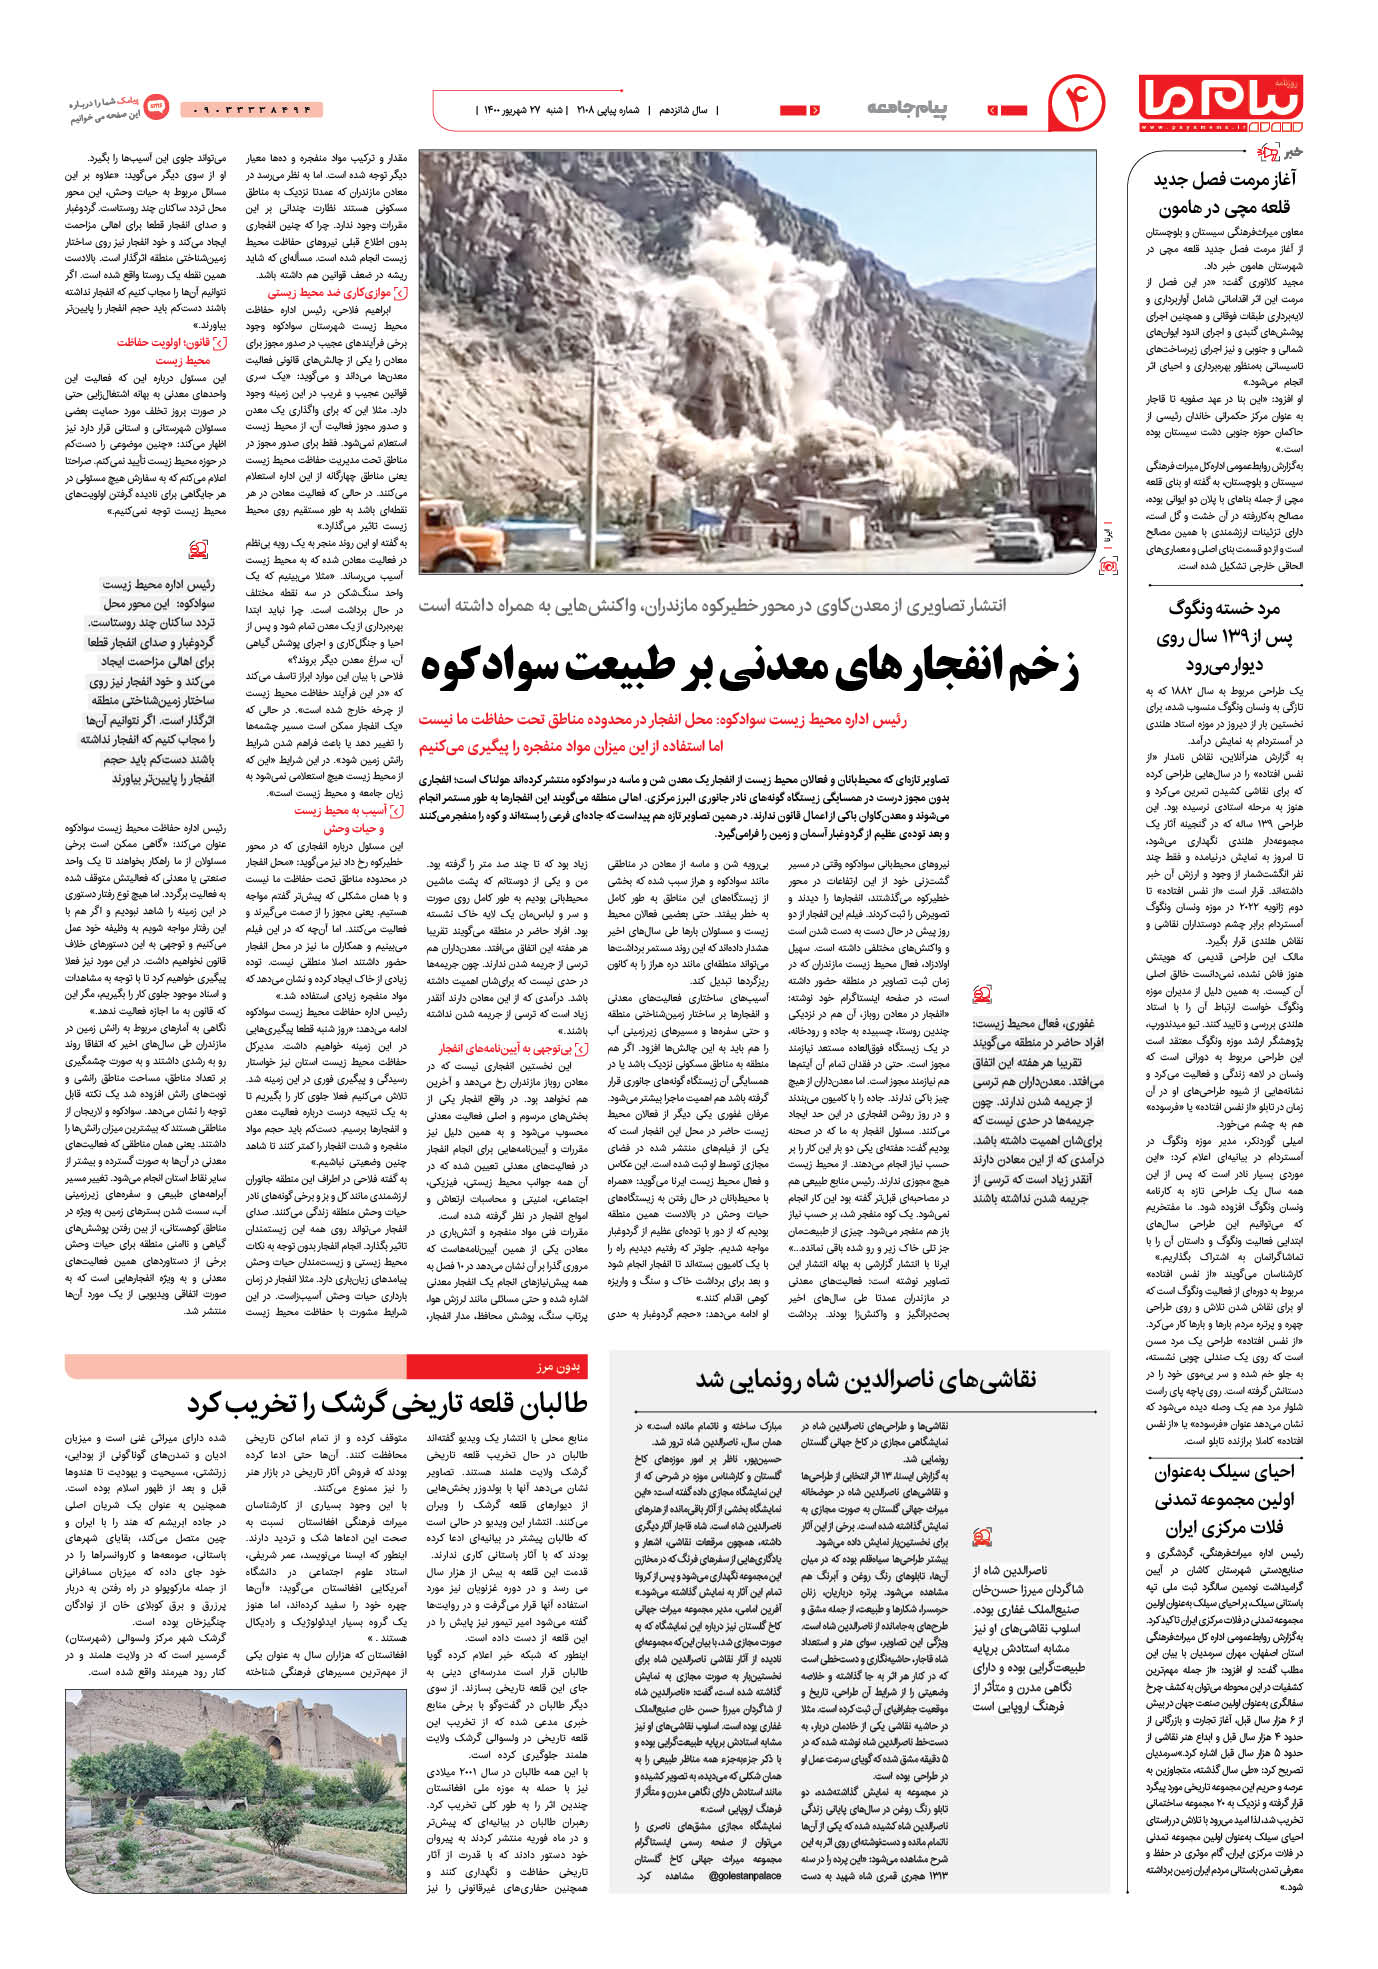 صفحه پیام جامعه شماره 2108 روزنامه پیام ما